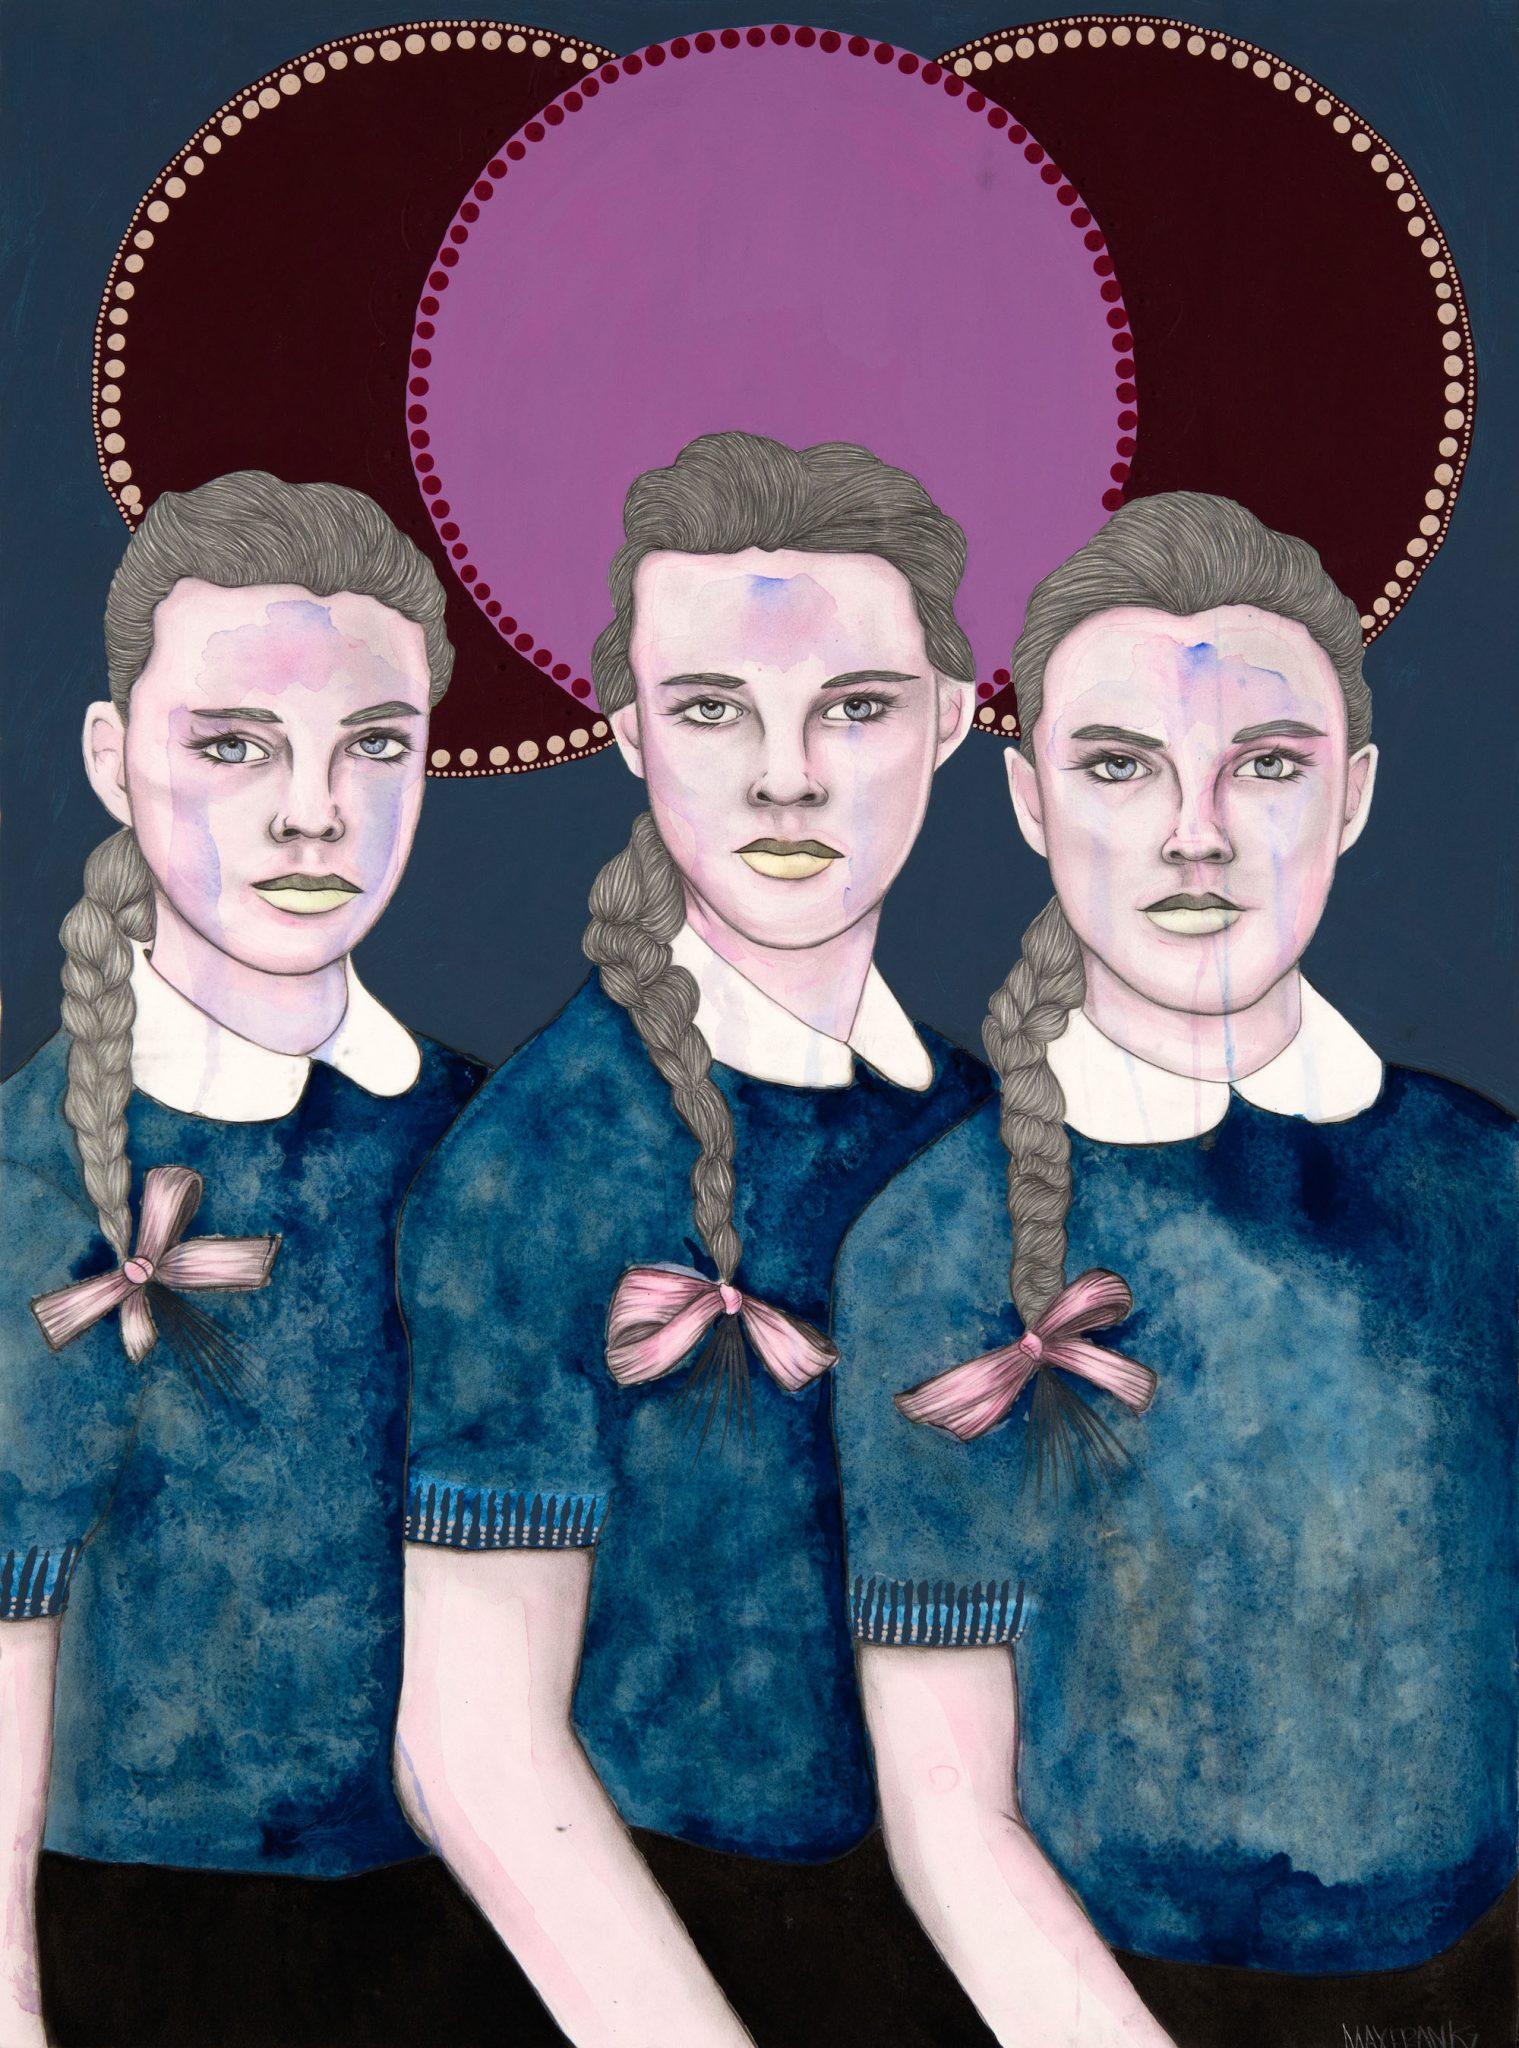 Open Canvas artist Maxwell